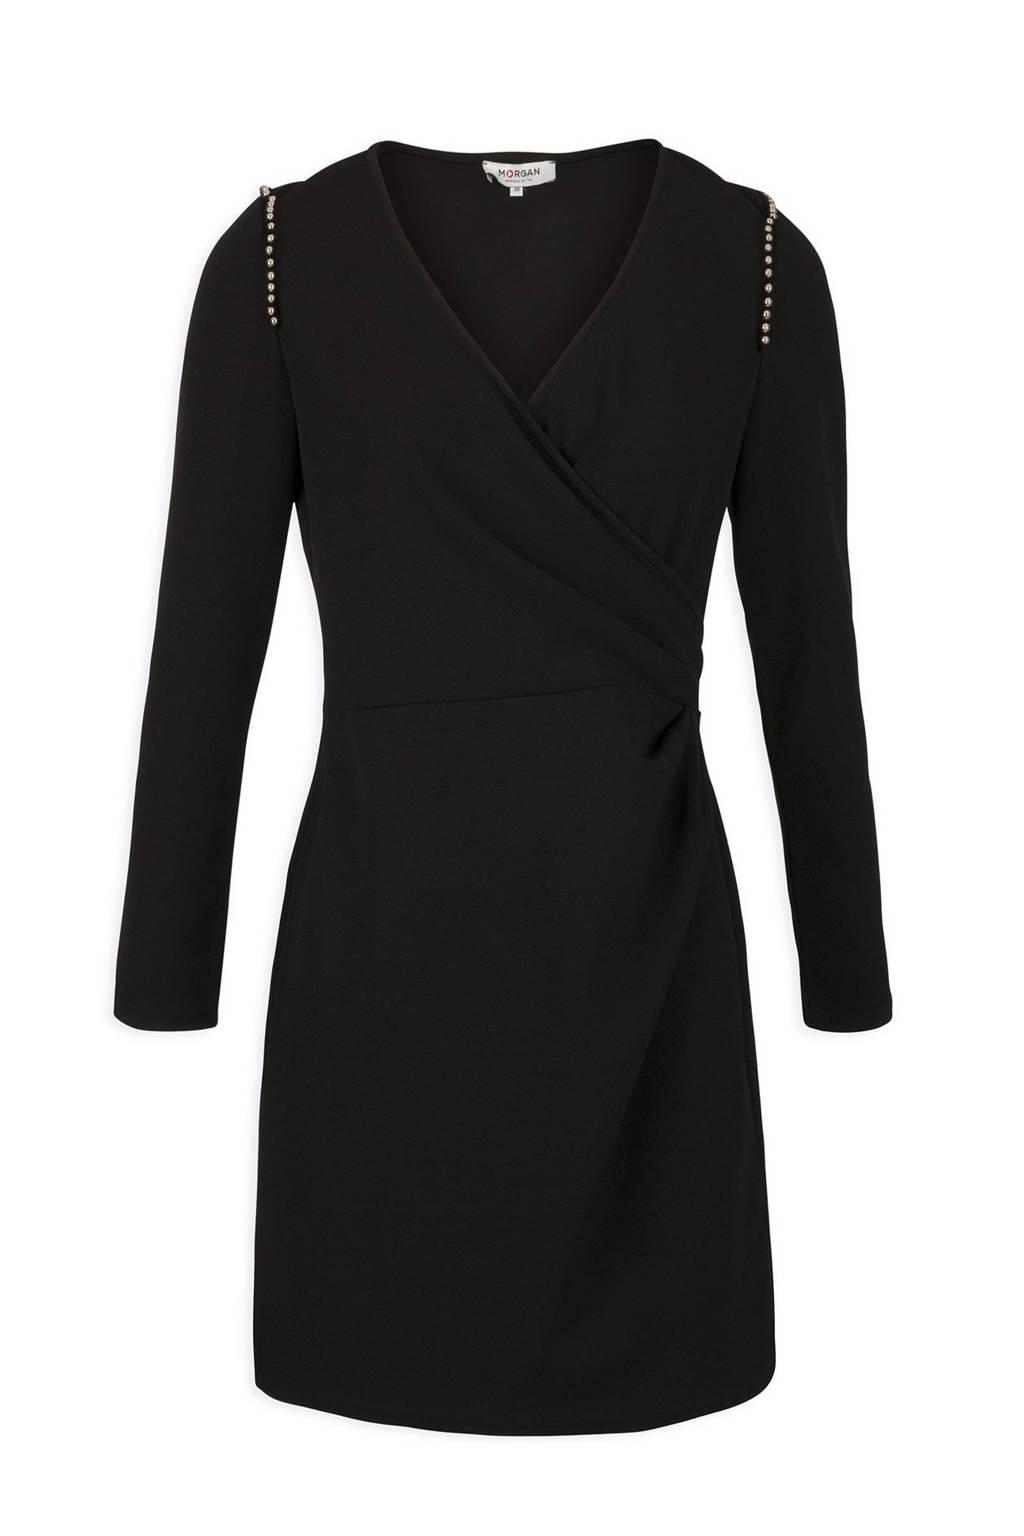 Morgan jurk met kralen zwart, Zwart